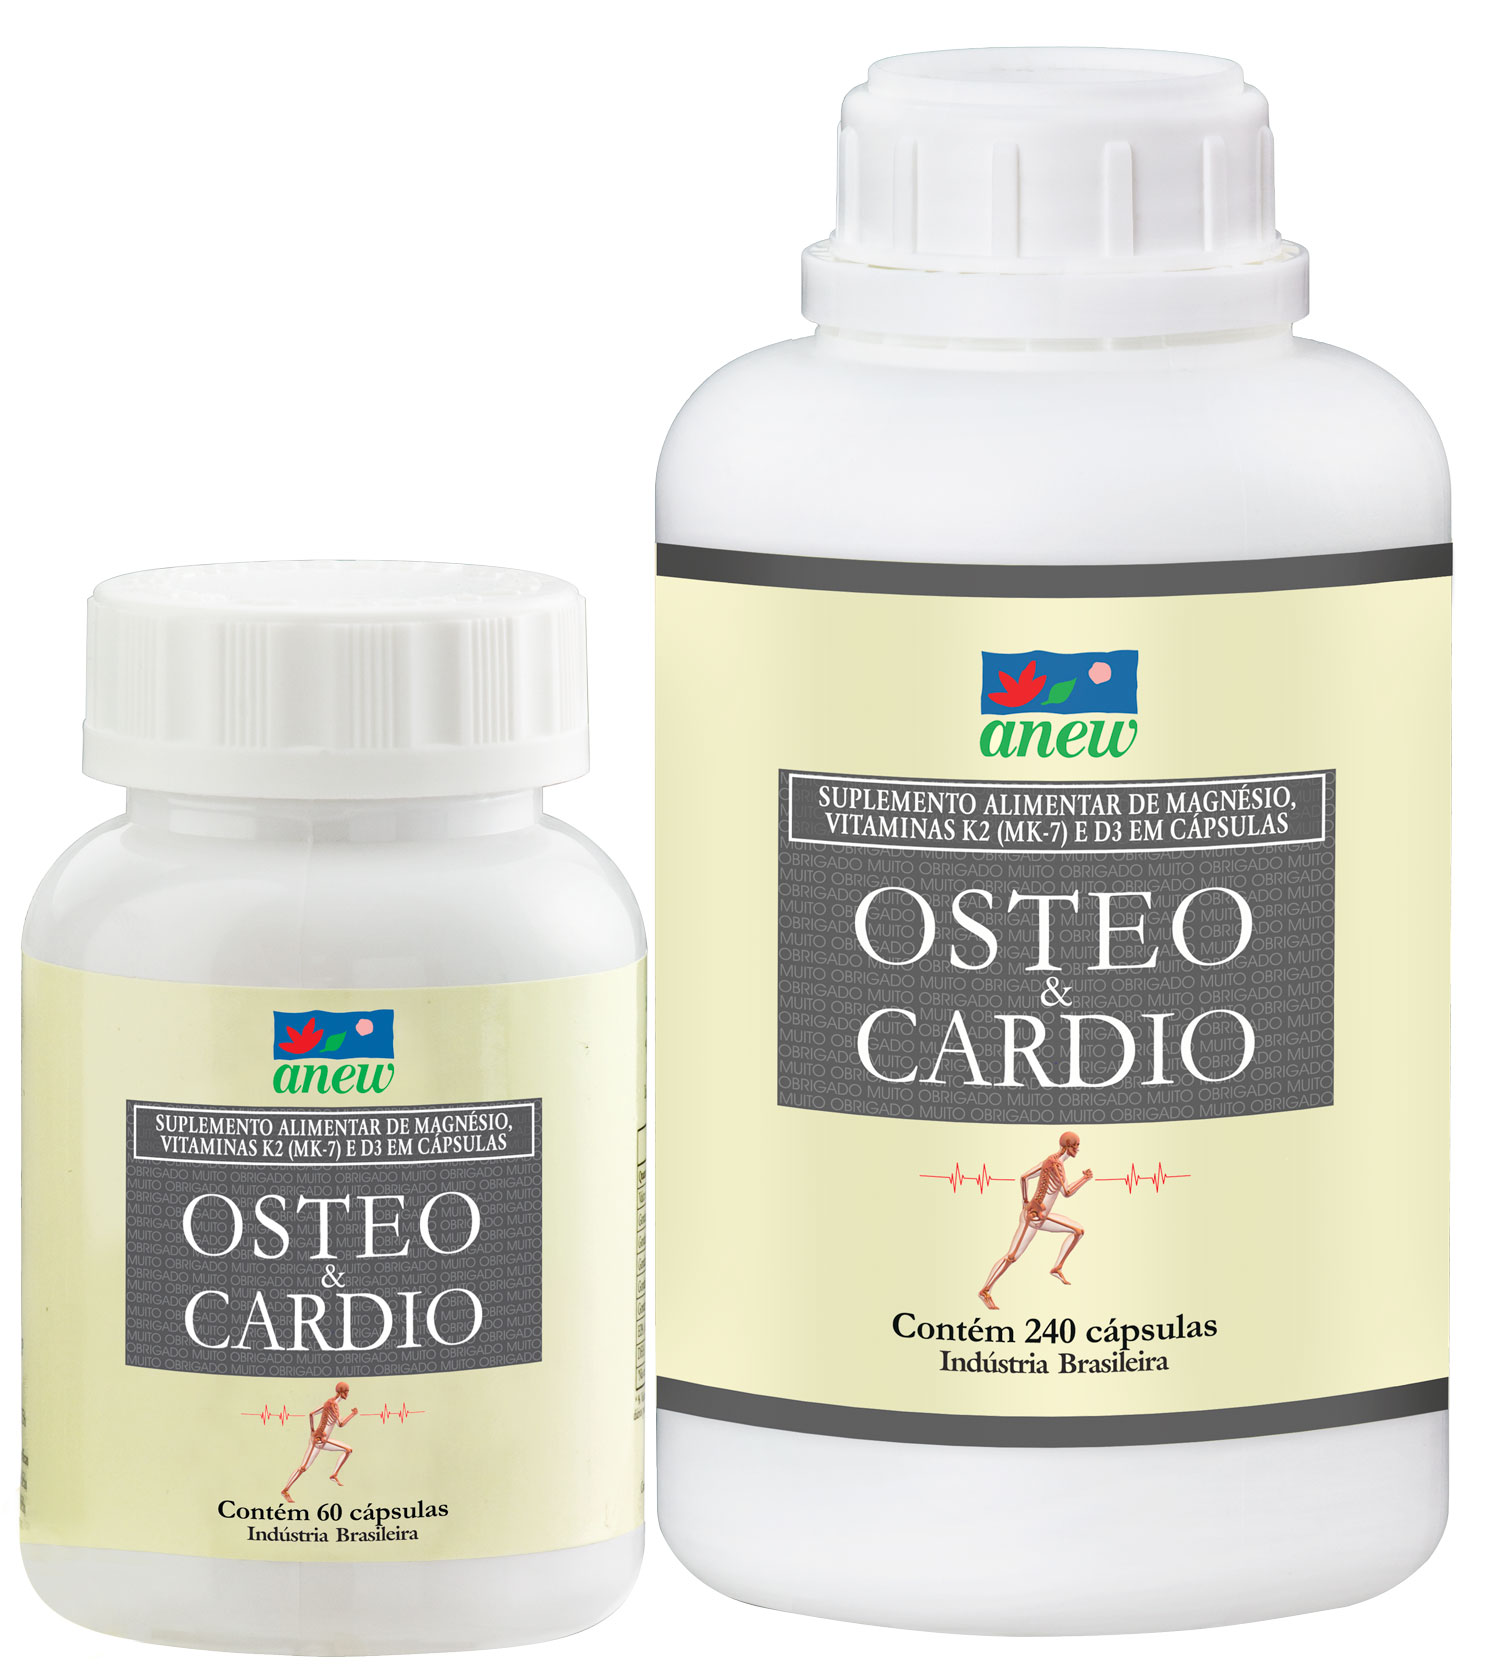 Osteo & Cardio Magnésio Quelato 60 cáps